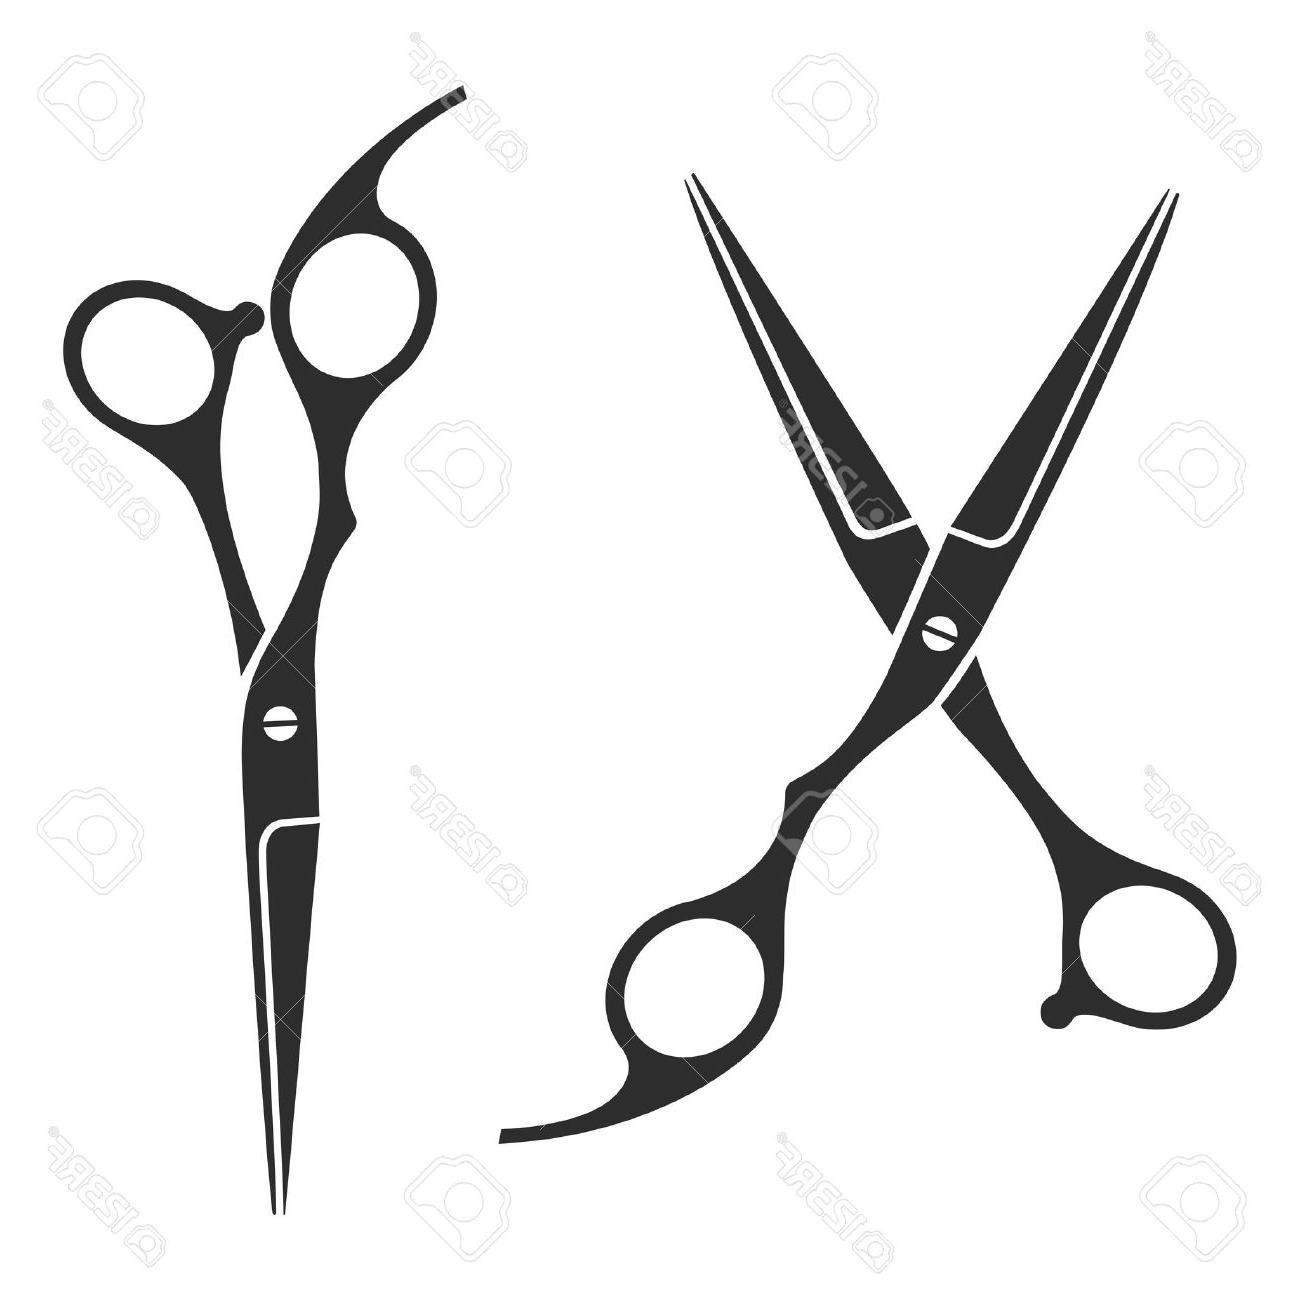 Hairdressing Scissors Clipart